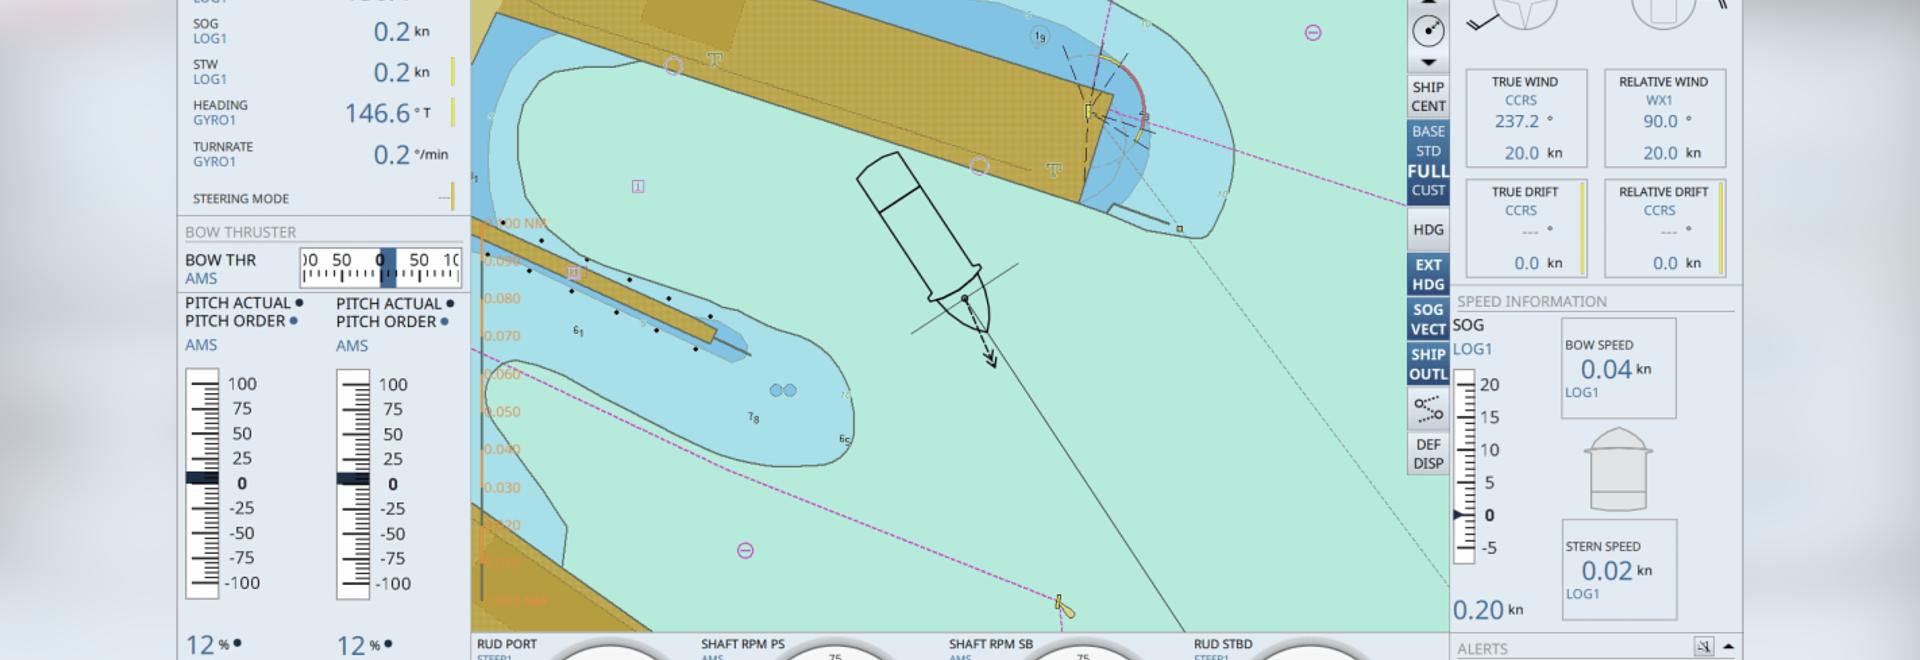 Électronique marine : Un nouvel affichage vise à simplifier l'amarrage des navires